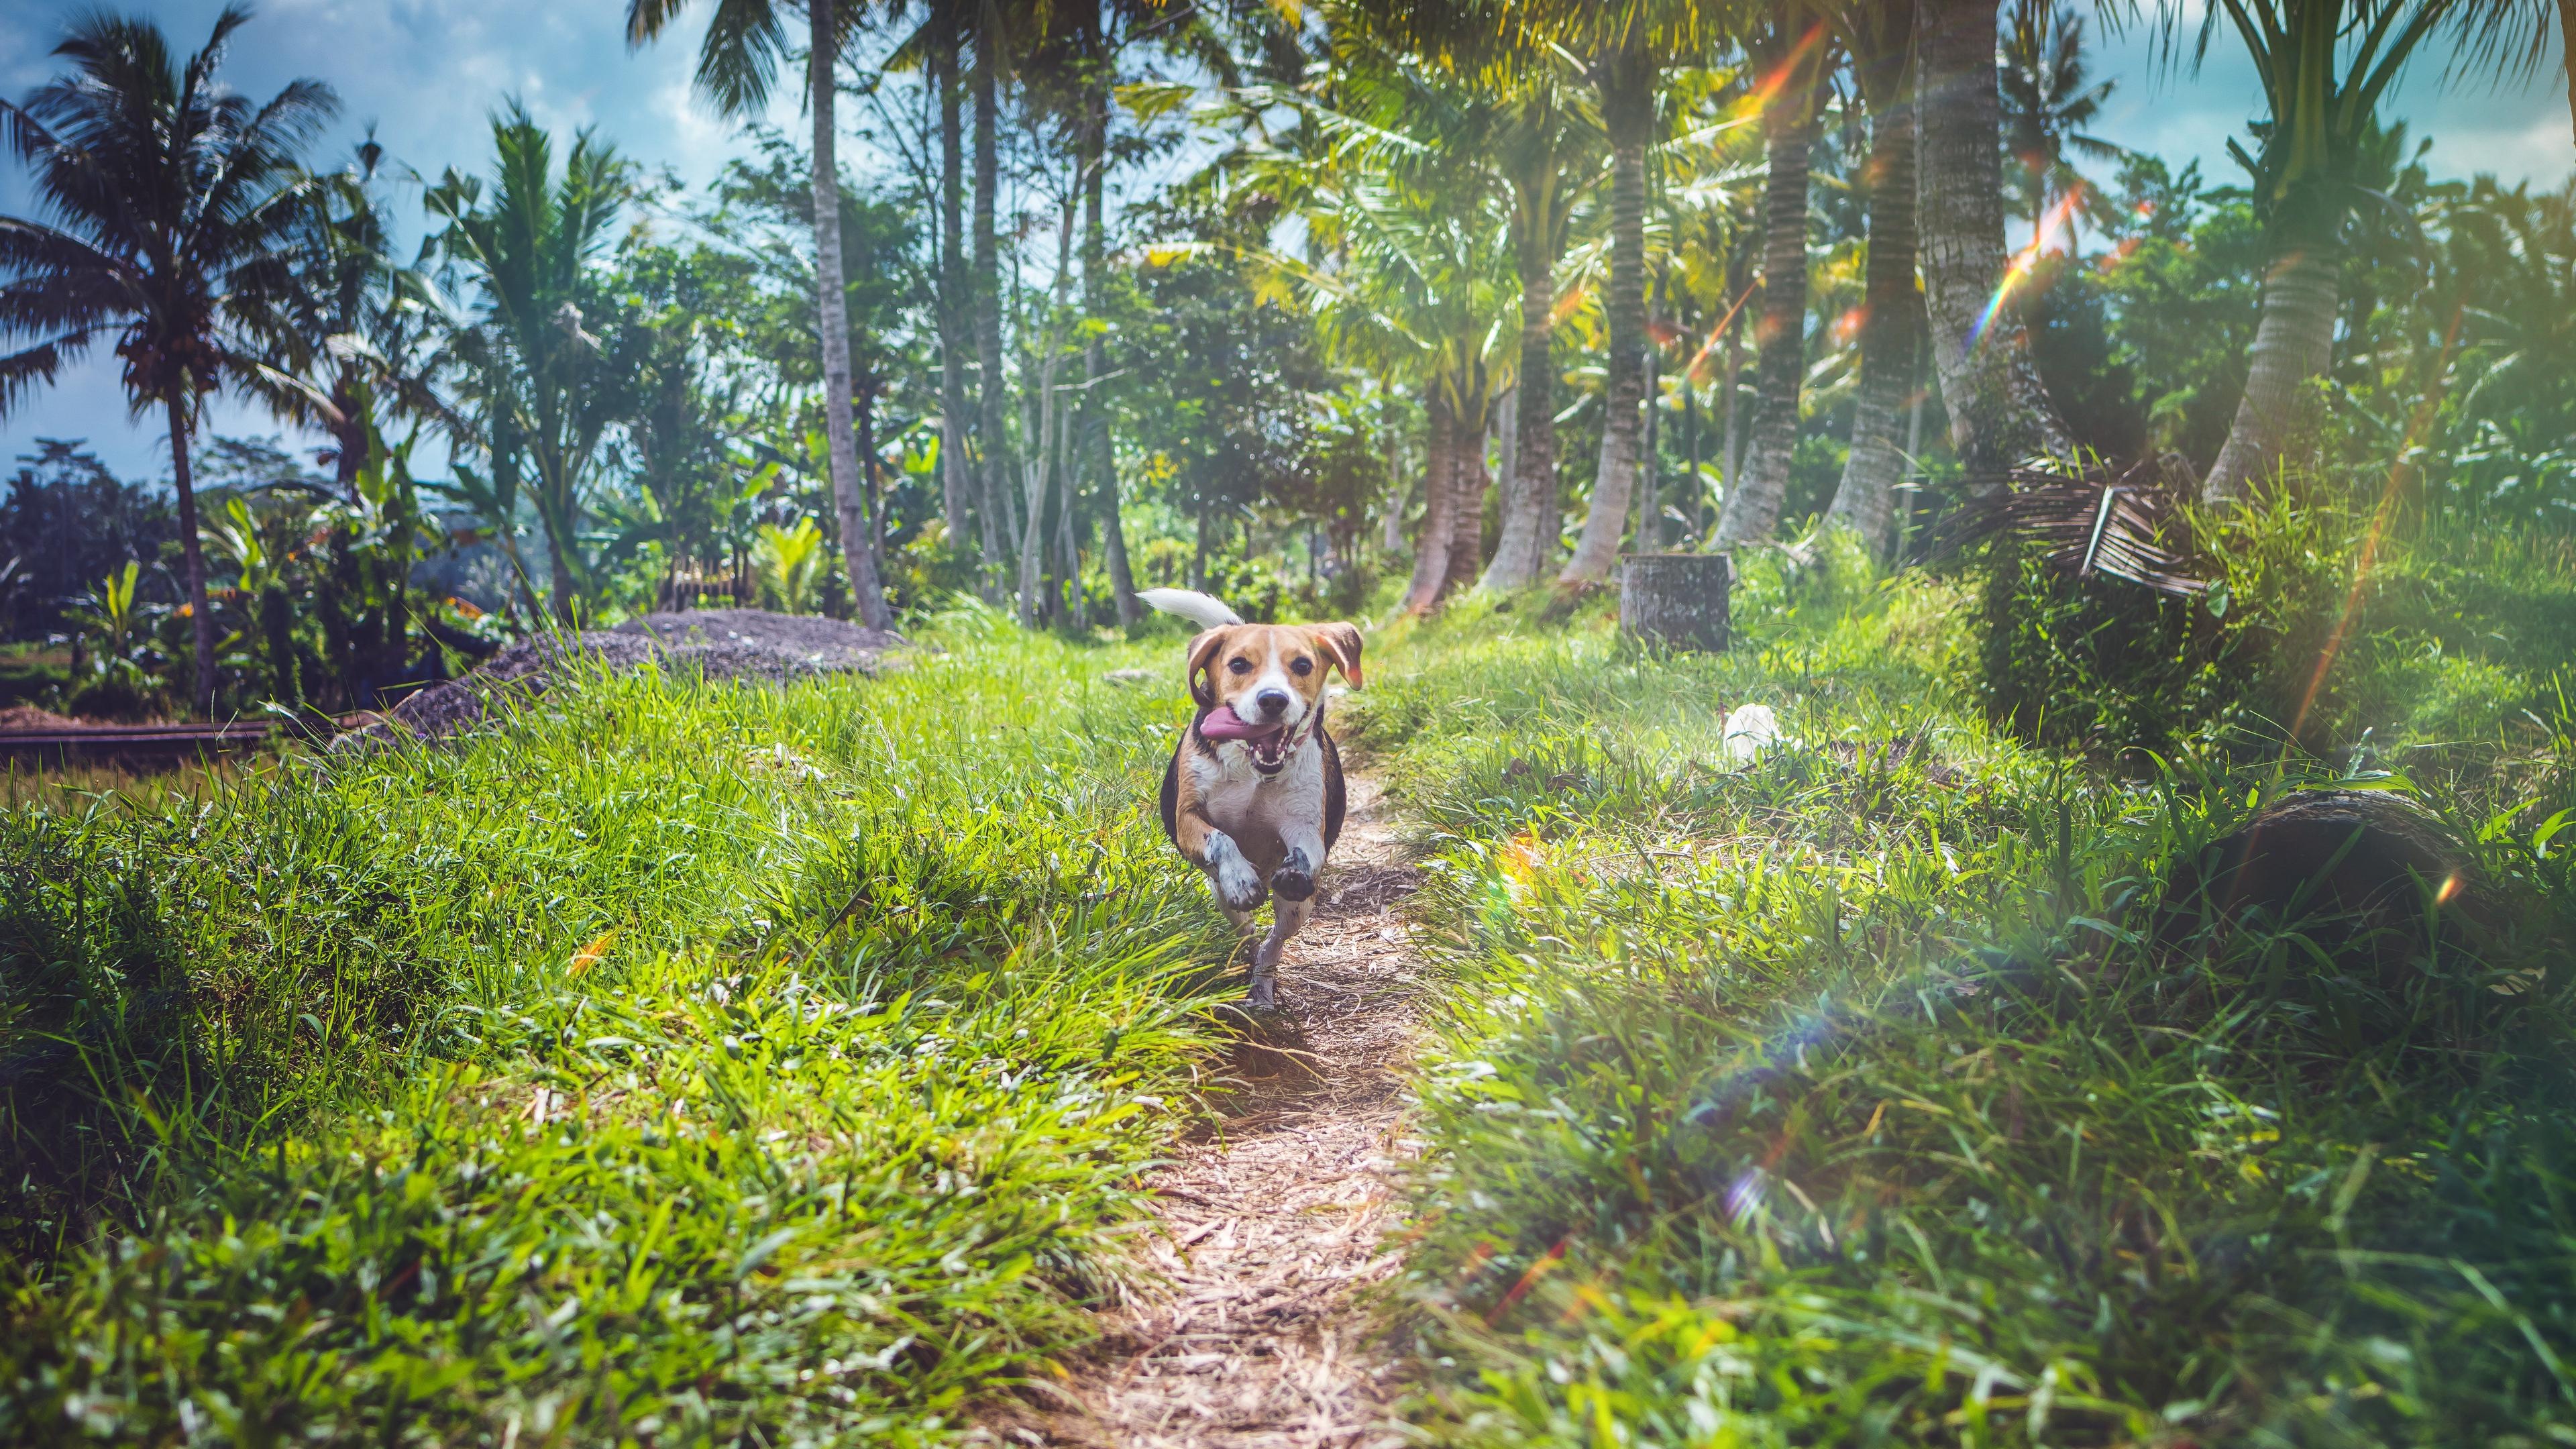 beagle dog running path grass 4k 1542242105 - beagle, dog, running, path, grass 4k - Running, Dog, Beagle